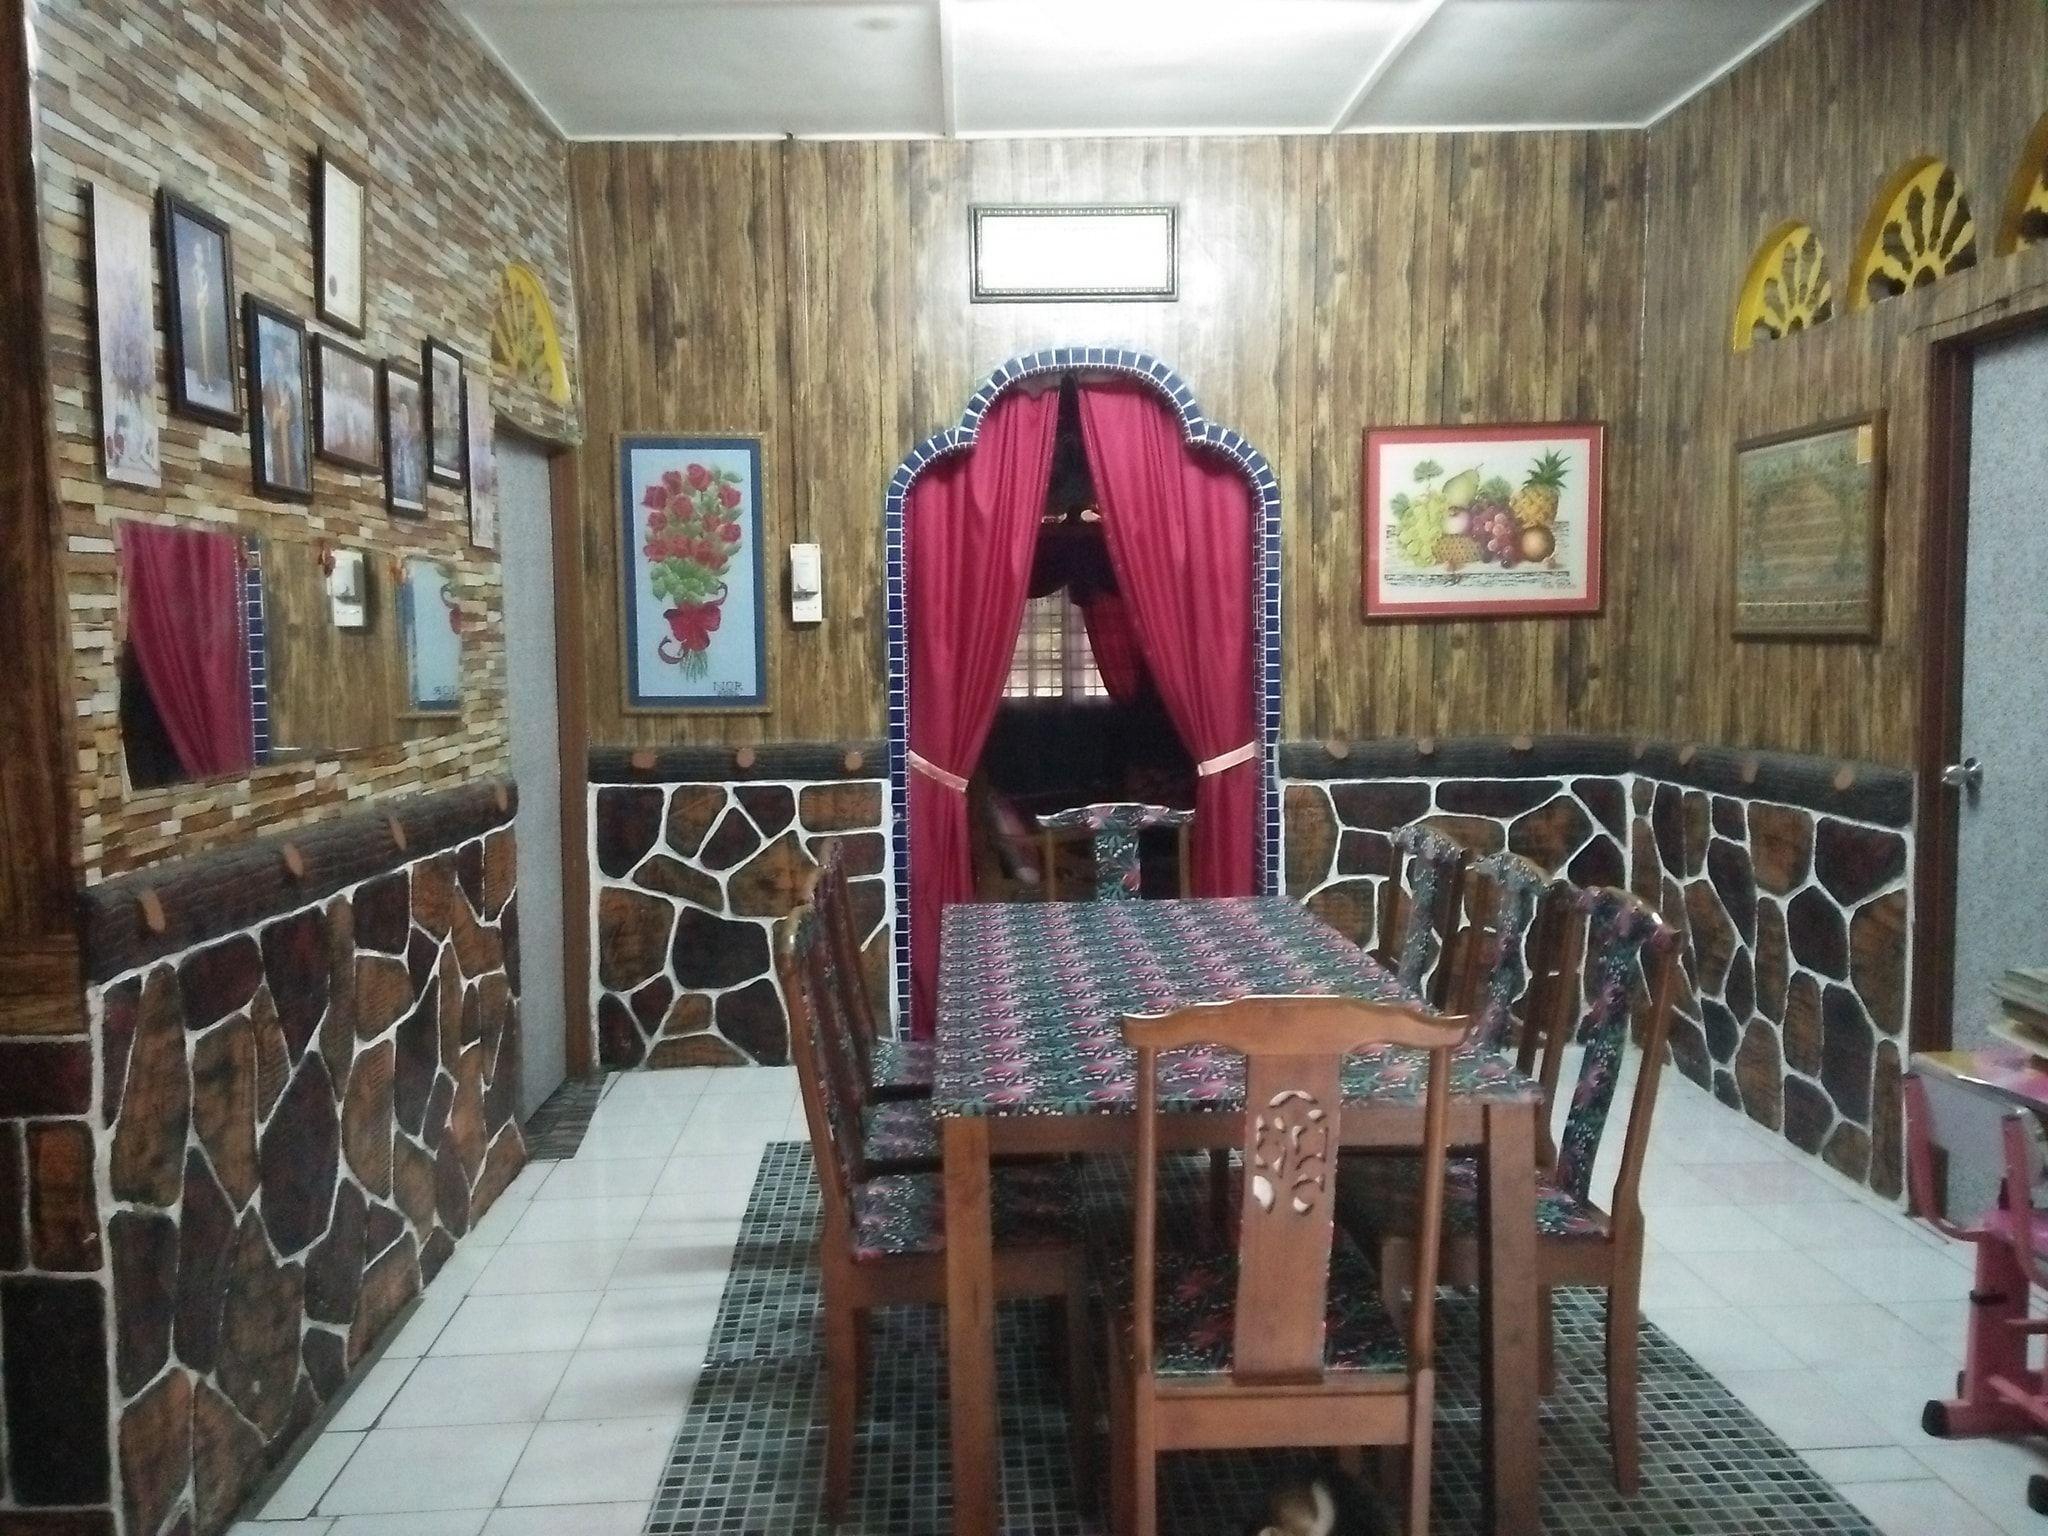 Download Wallpaper Eco Shop Hd Cikimm Com